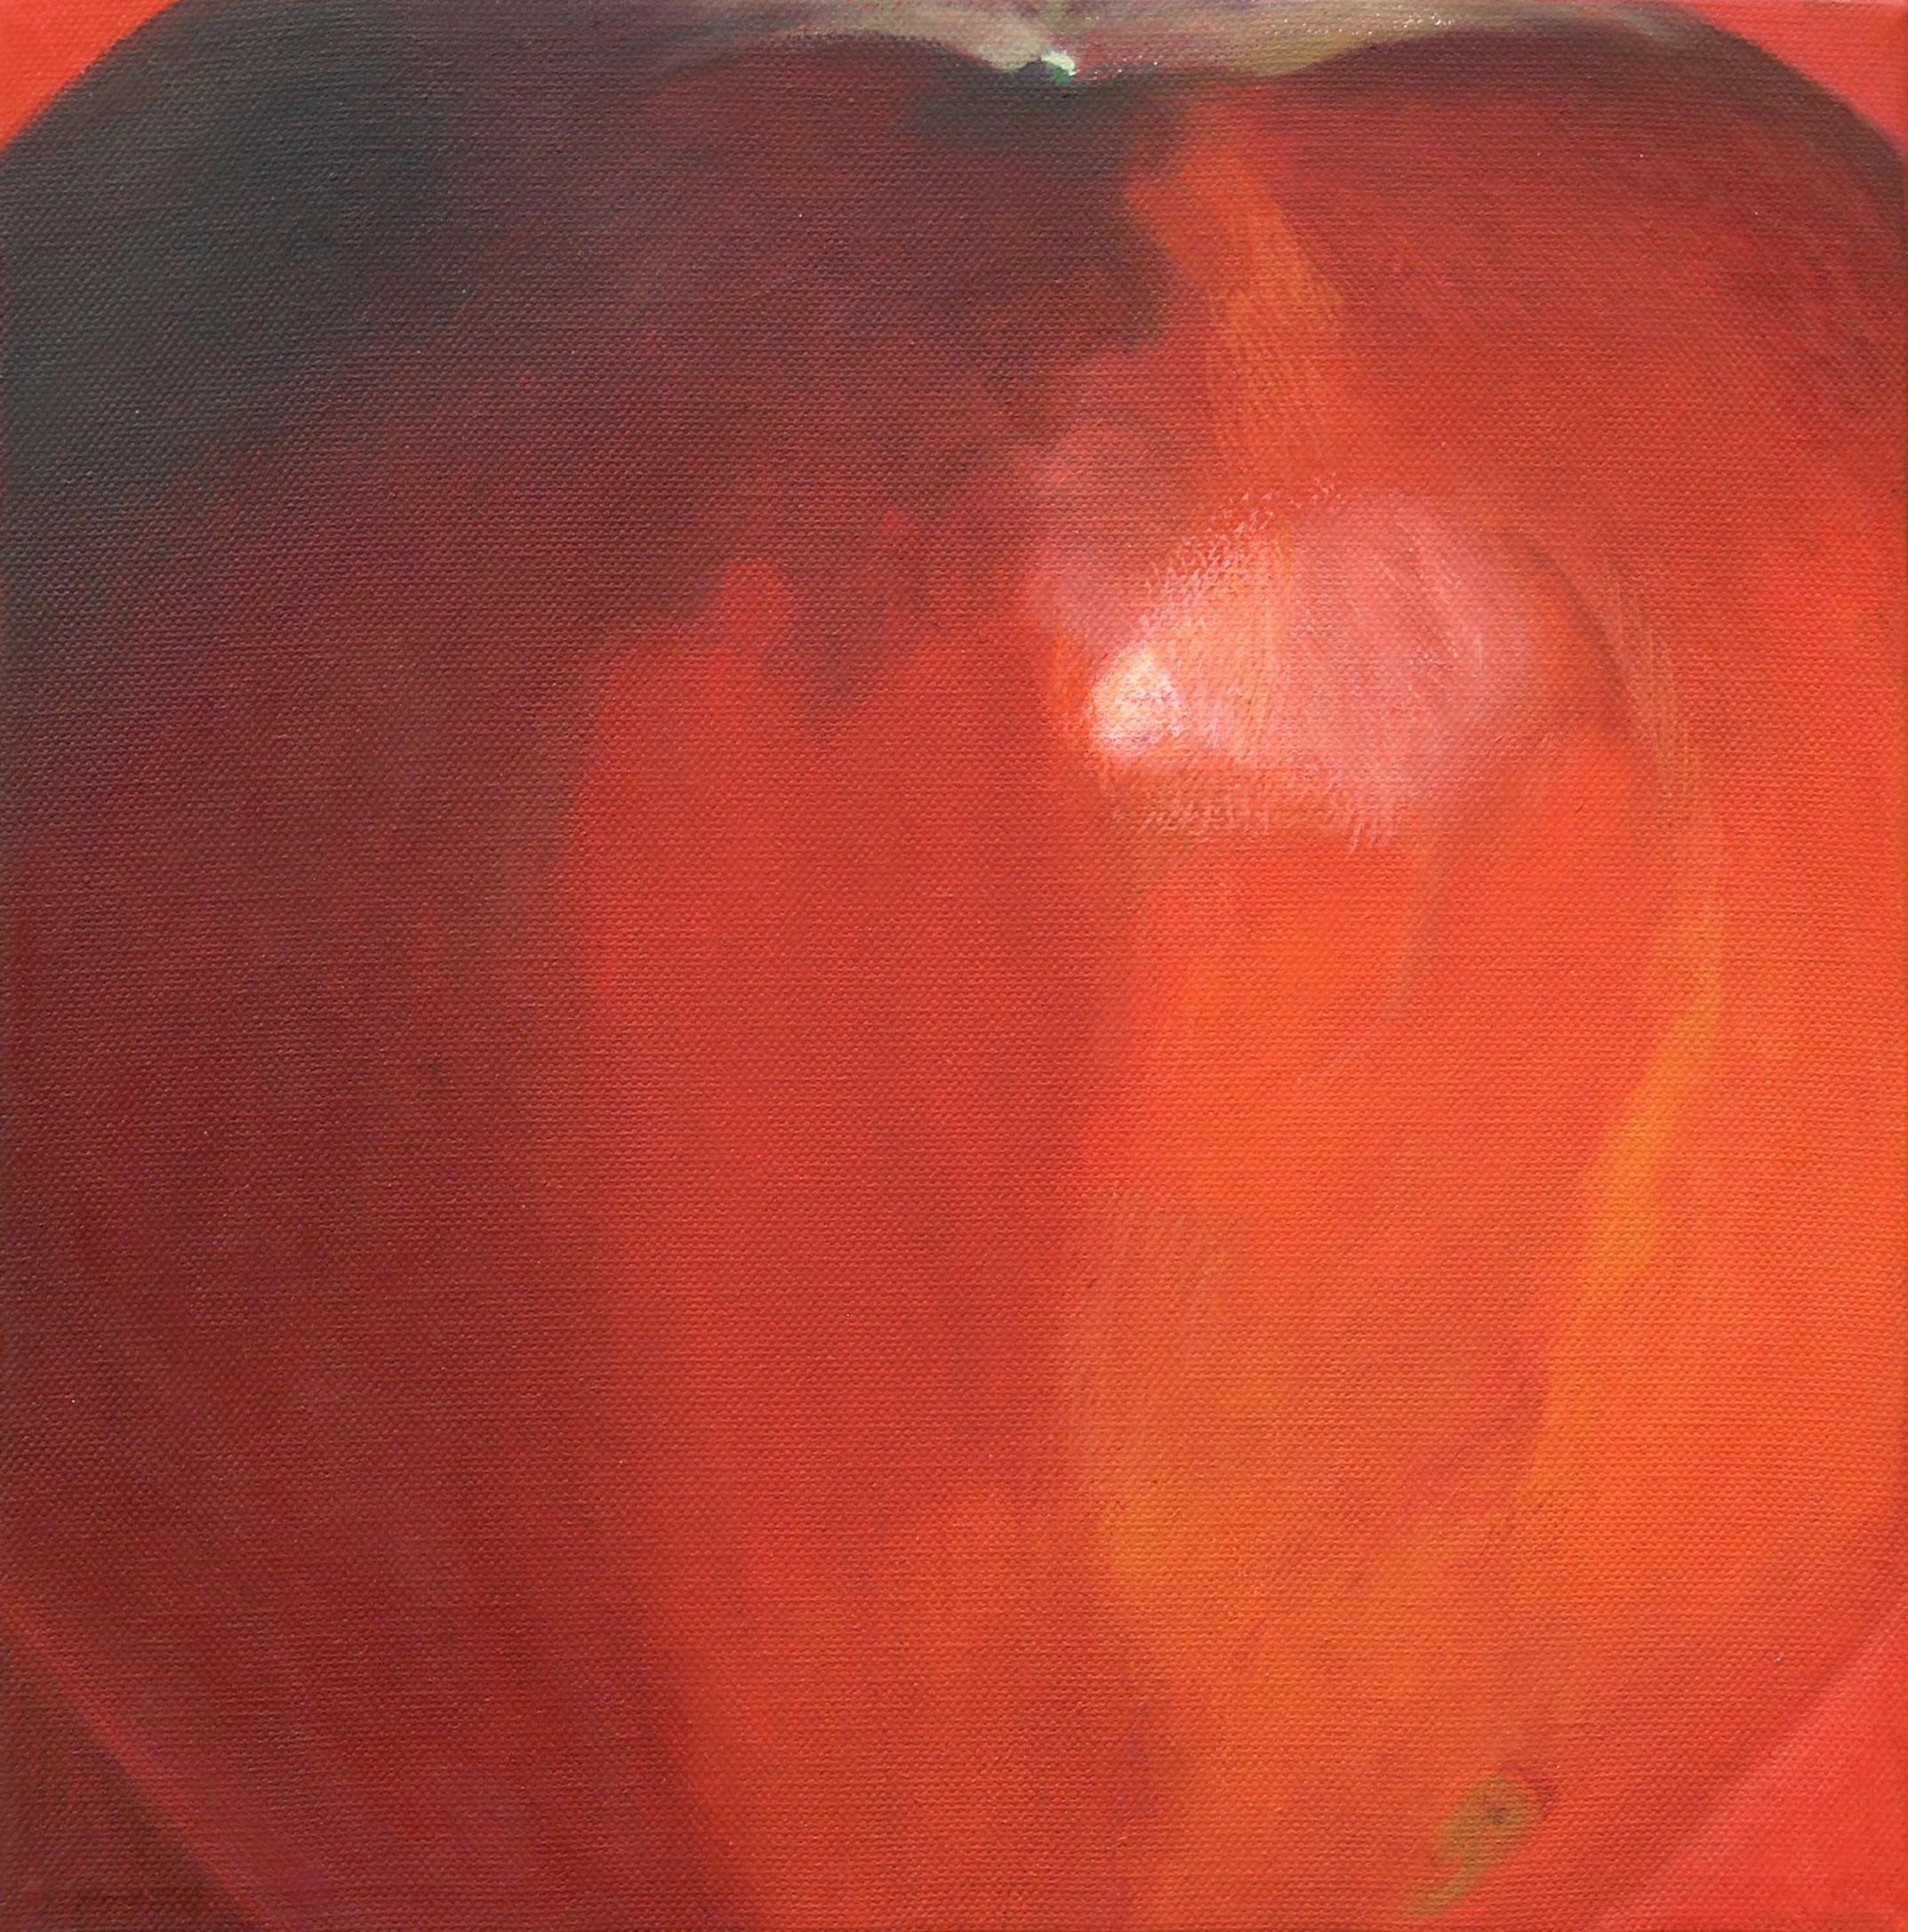 Dark red apple 6